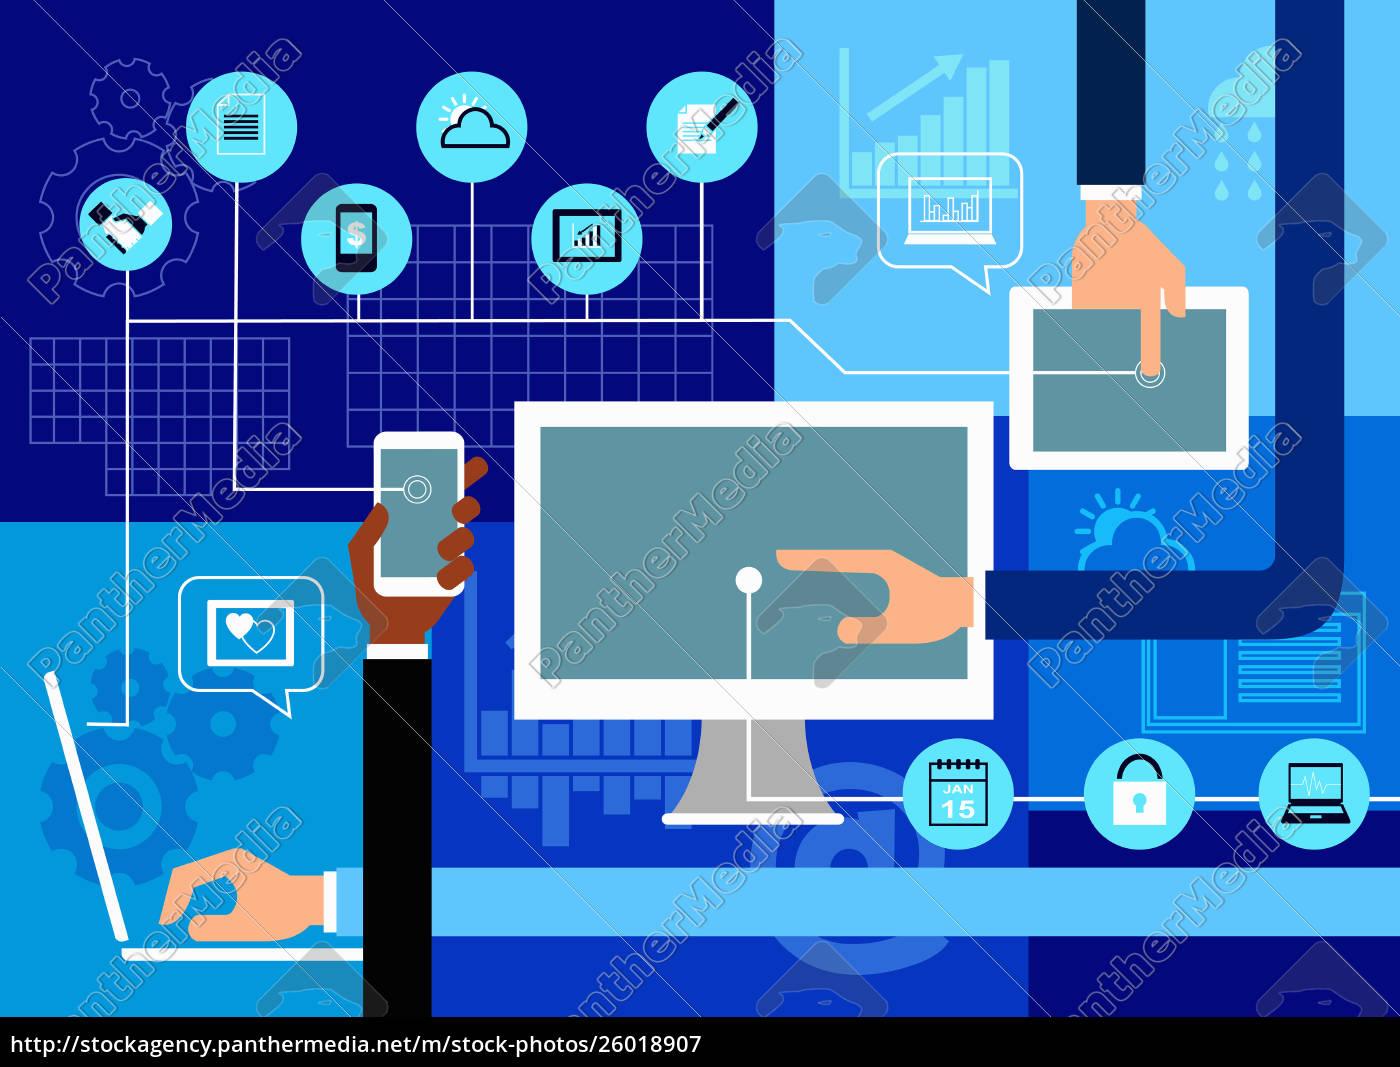 manos, usando, diferentes, dispositivos, digitales, para - 26018907